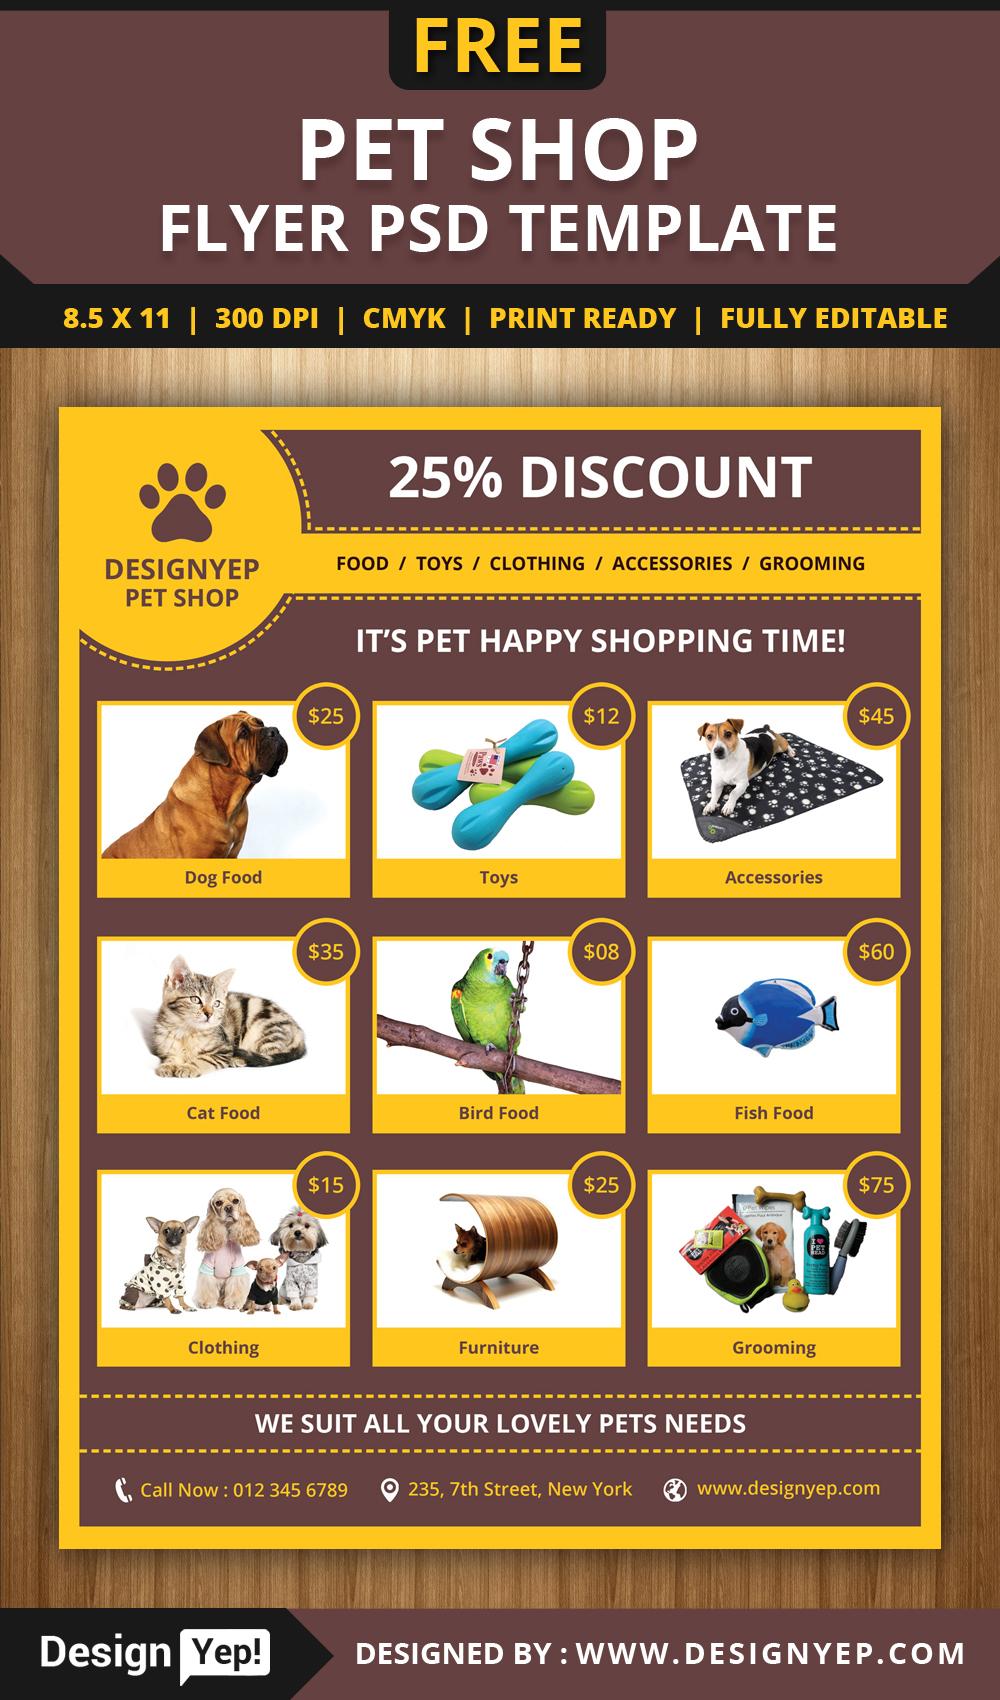 free pet shop flyer psd template on behance